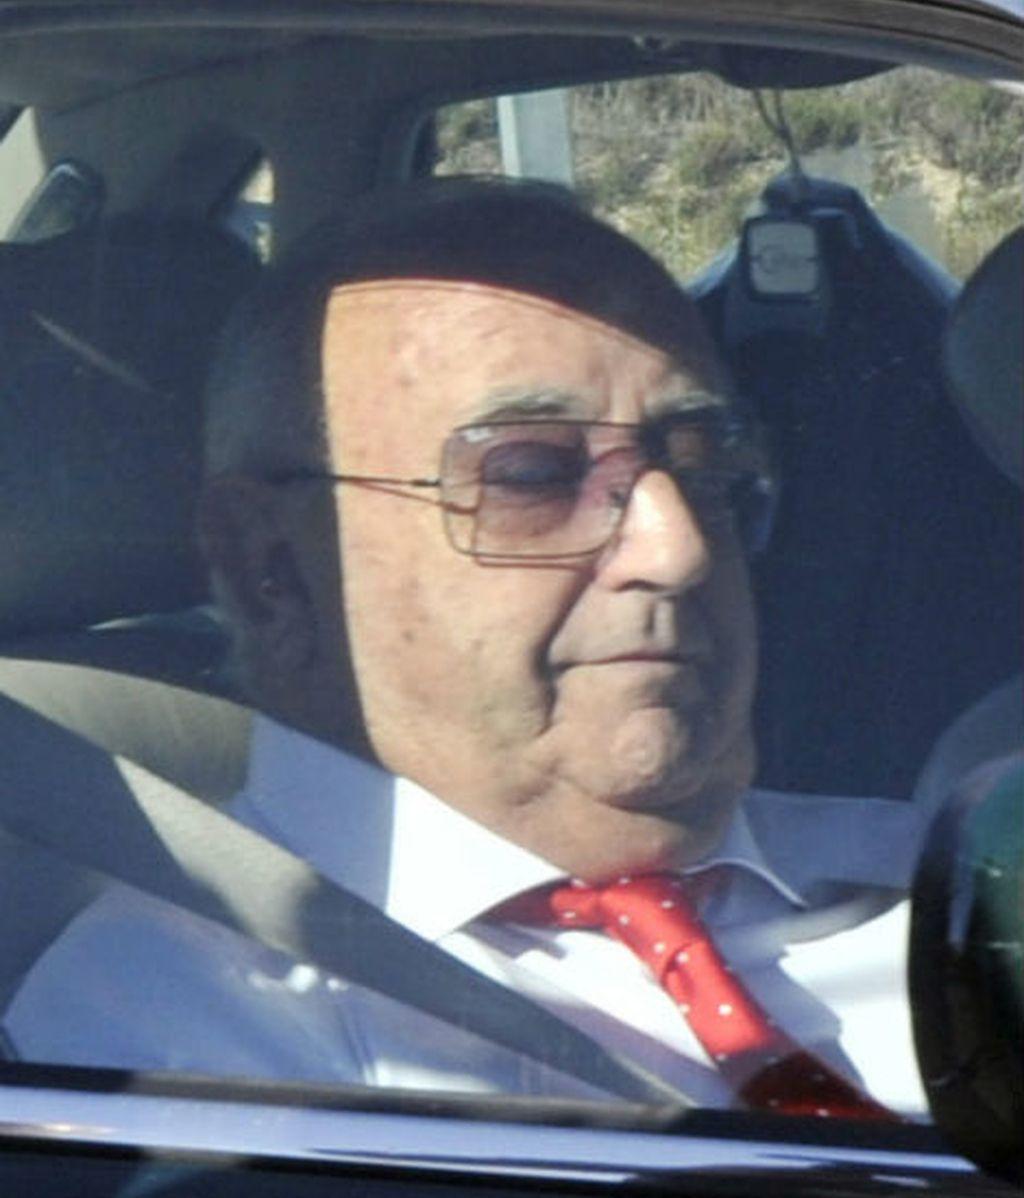 El padre del novio, Humberto Janeiro, que coincidió con su ex mujer, Carmen Bazán